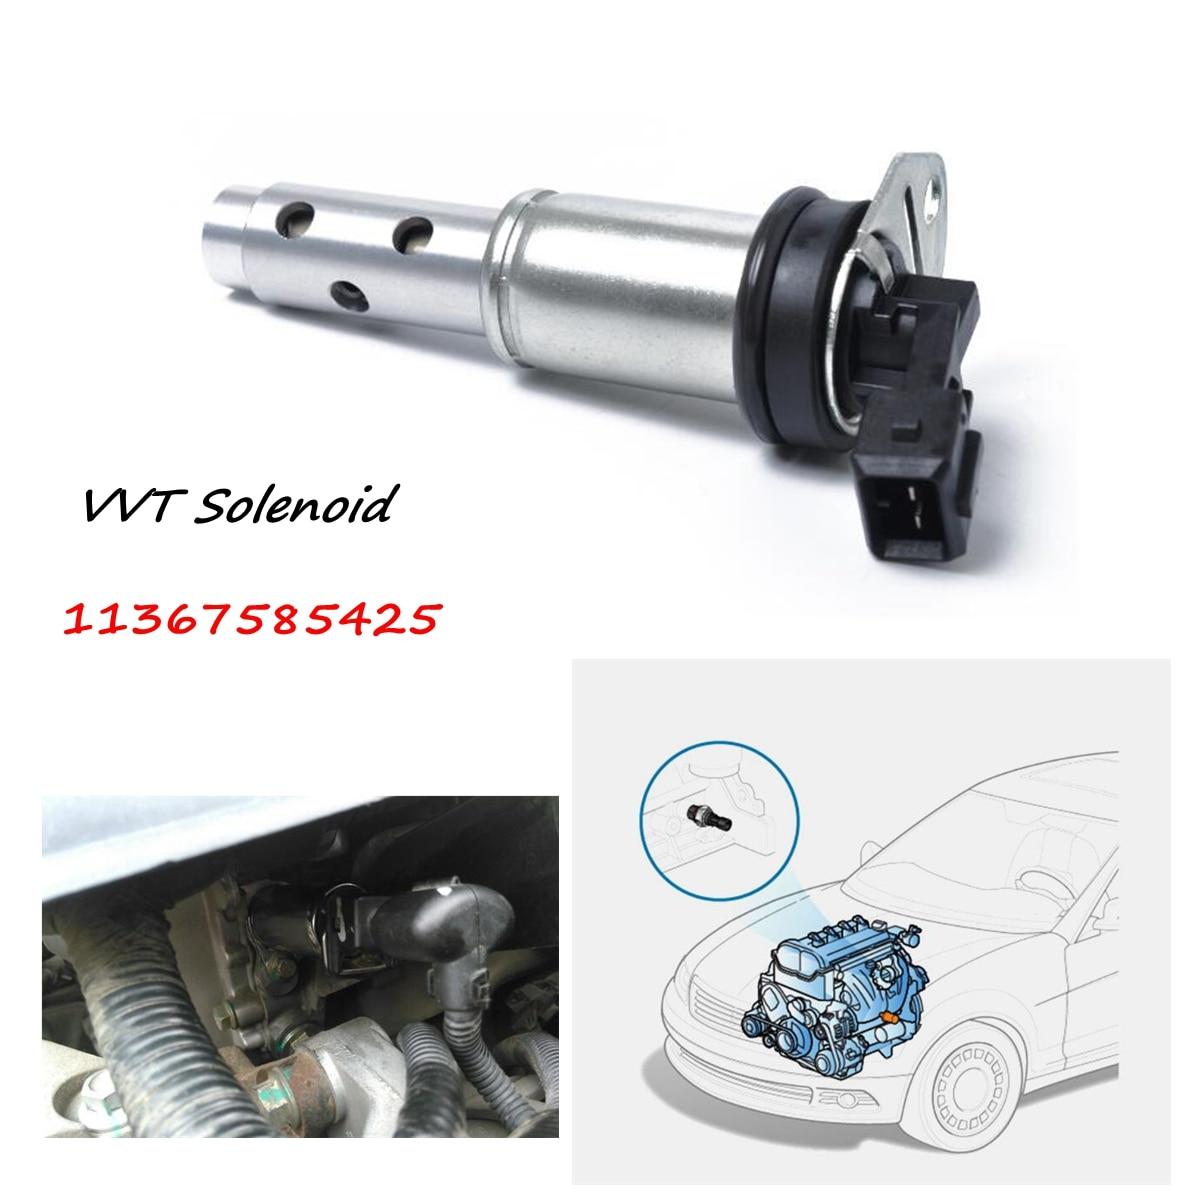 11367585425 Variable Valve Vanos Timing Solenoid N51 N52 N53 N54